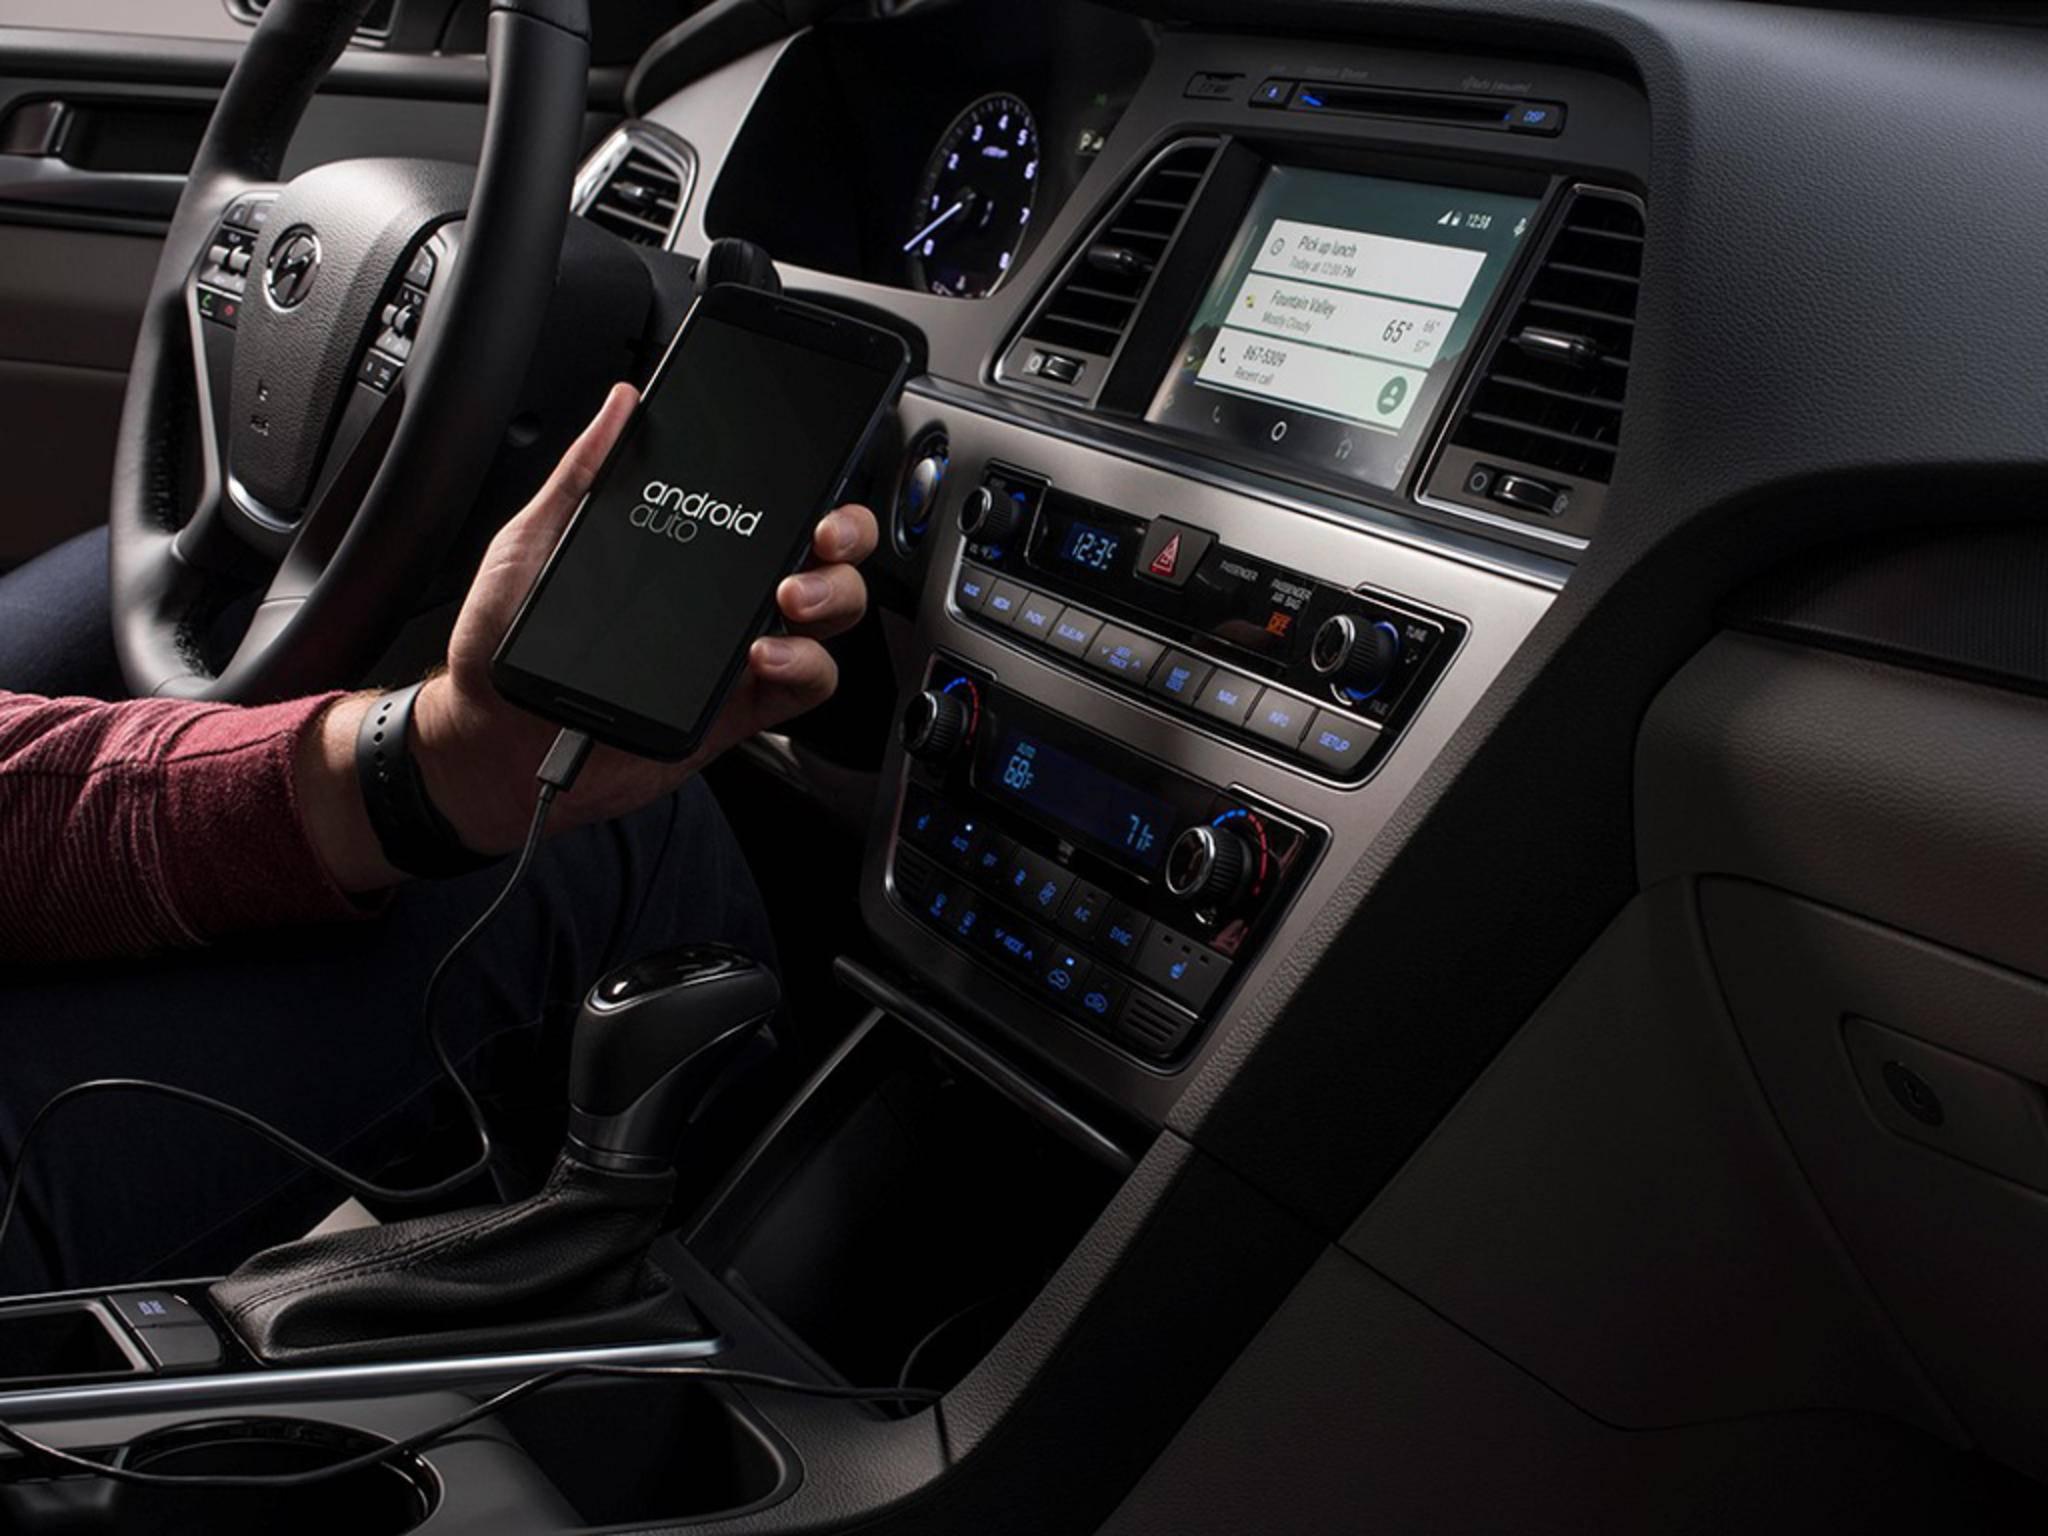 Alternativ kann das Handy oftmals auch klassisch per Audiokabel verbunden werden.